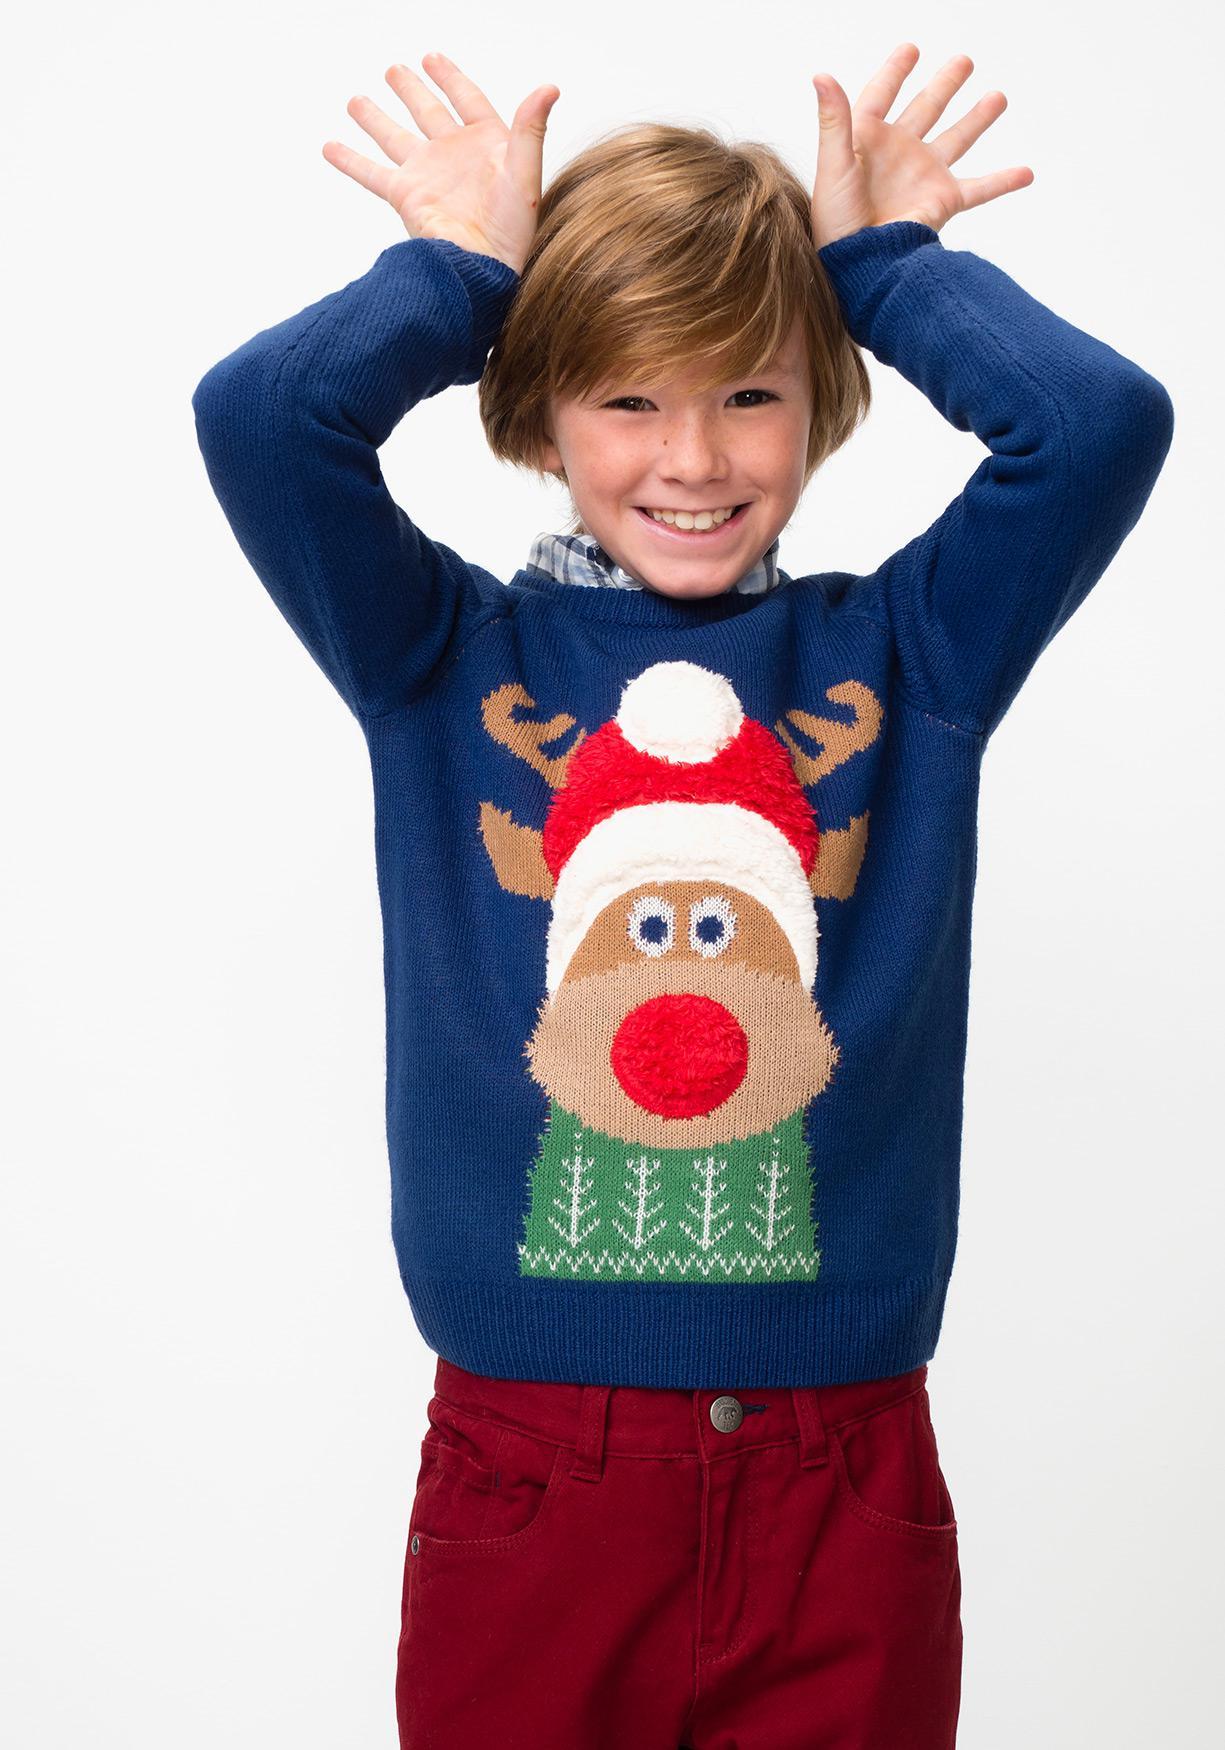 Comprar Jersey de Navidad TEX. ¡Aprovéchate de nuestros precios y ... 583d32bac